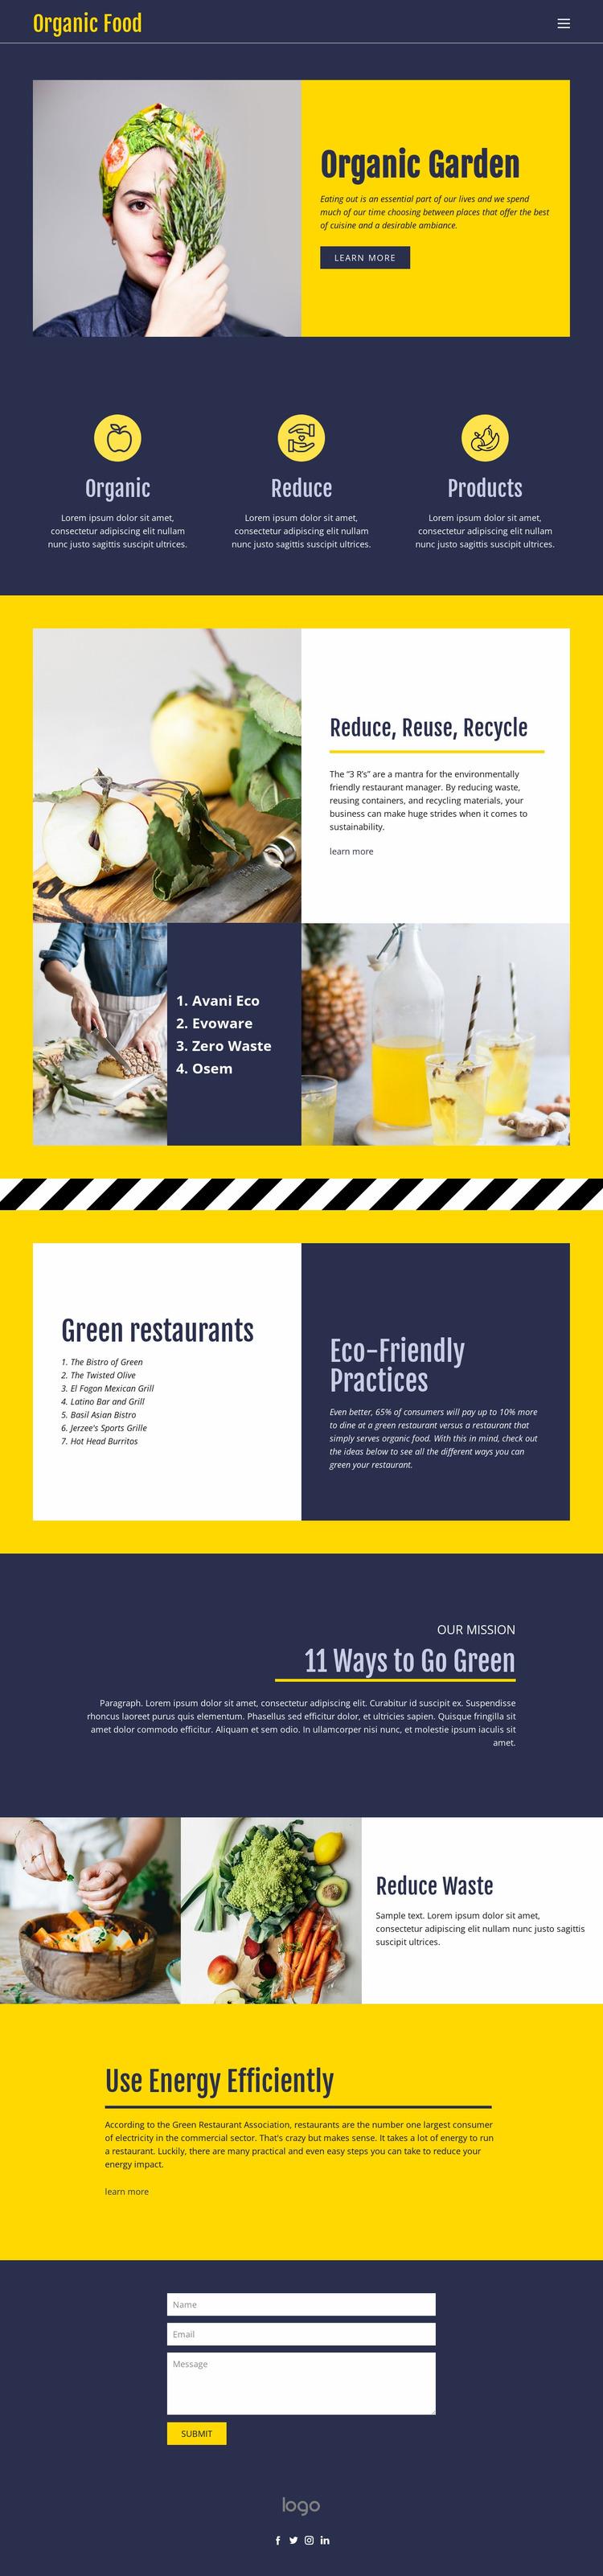 Eating essentials for food Website Mockup